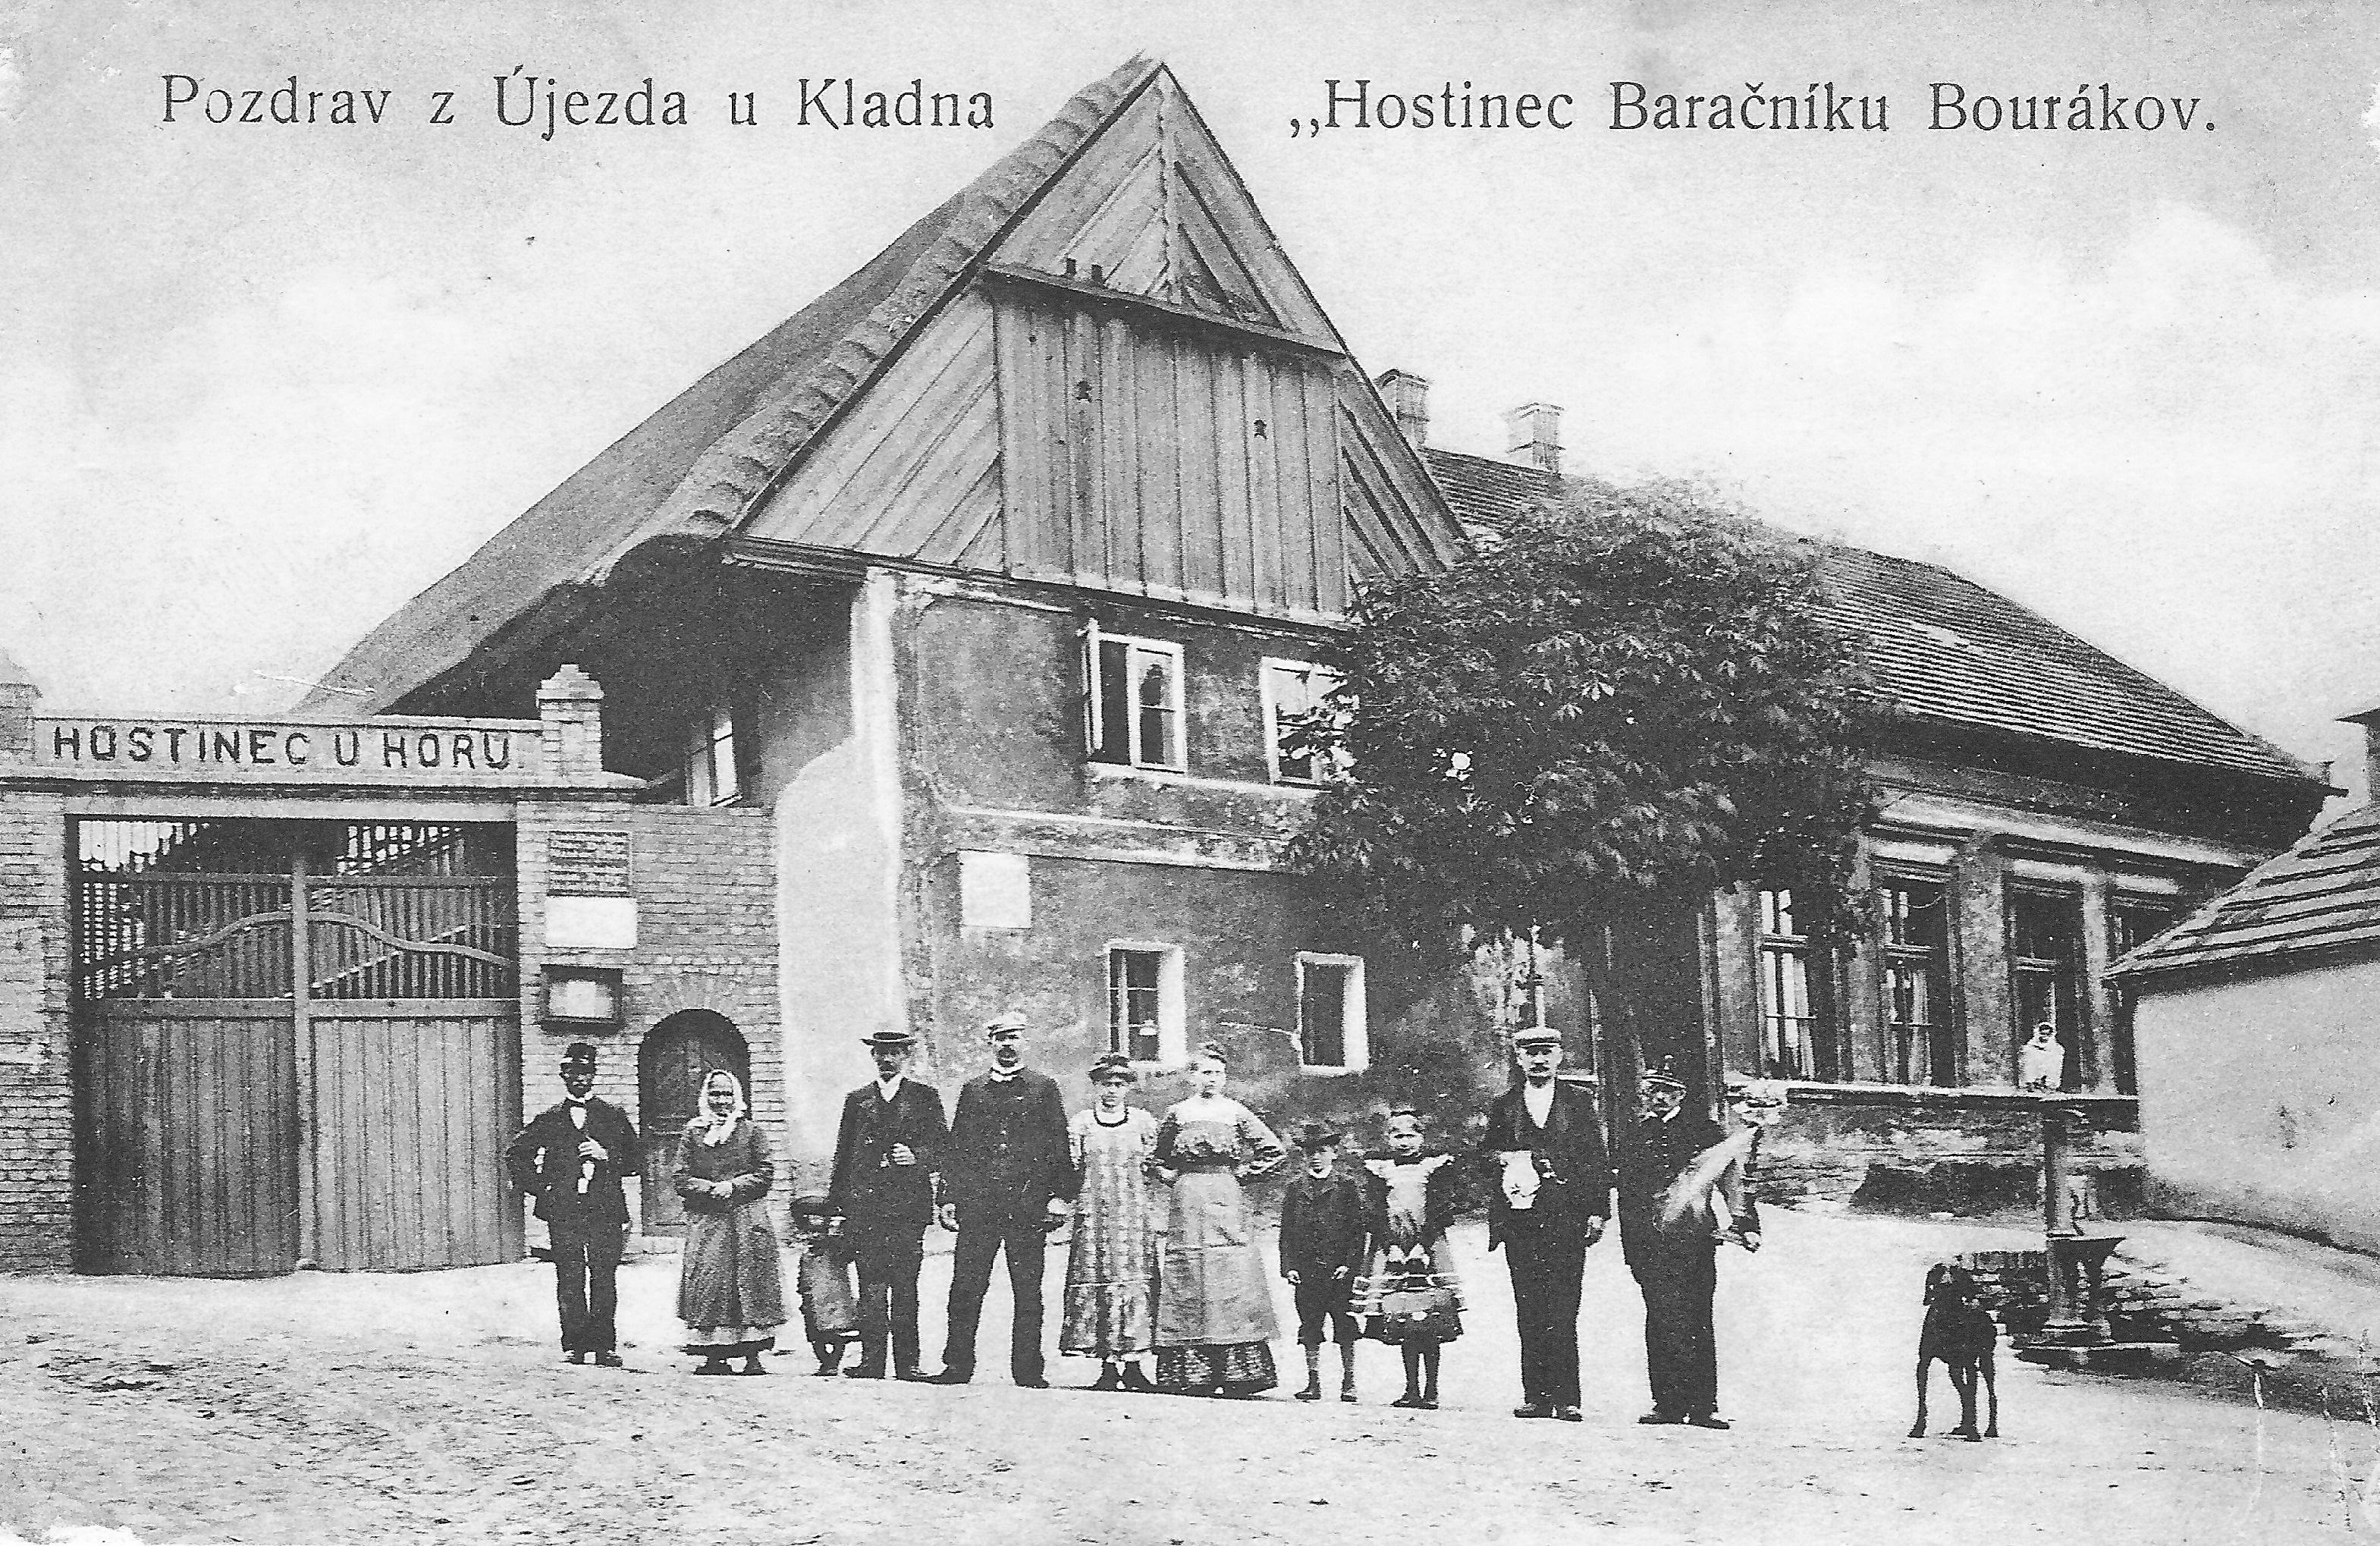 Hostinec U Horů v Újezdu pod Kladnem, rok 1907